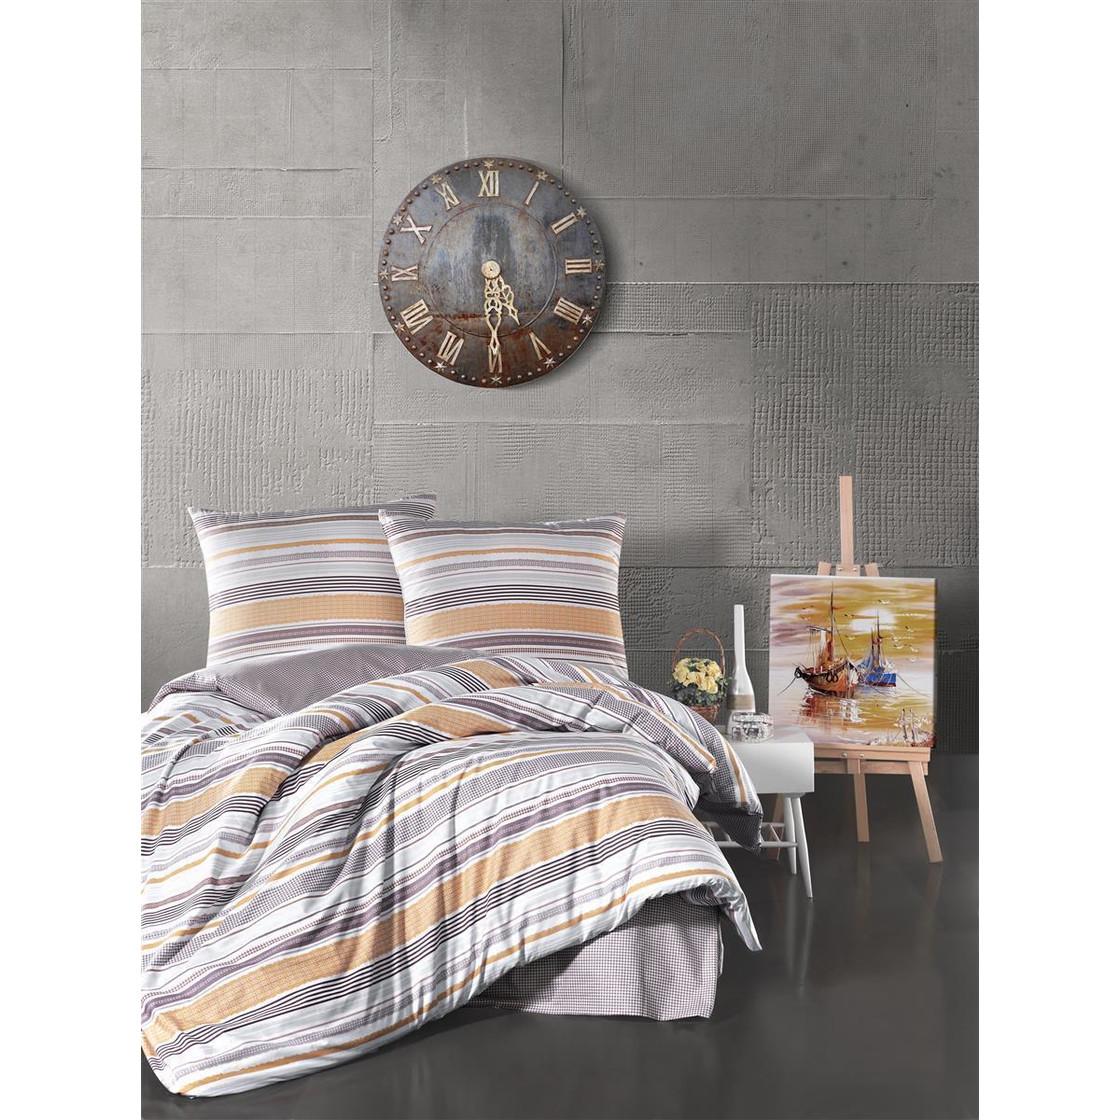 Top Model Bettwäsche : bettw sche 155x220 cm 2 teiliges set gestreift 100 baumwolle ren 21 90 ~ Watch28wear.com Haus und Dekorationen